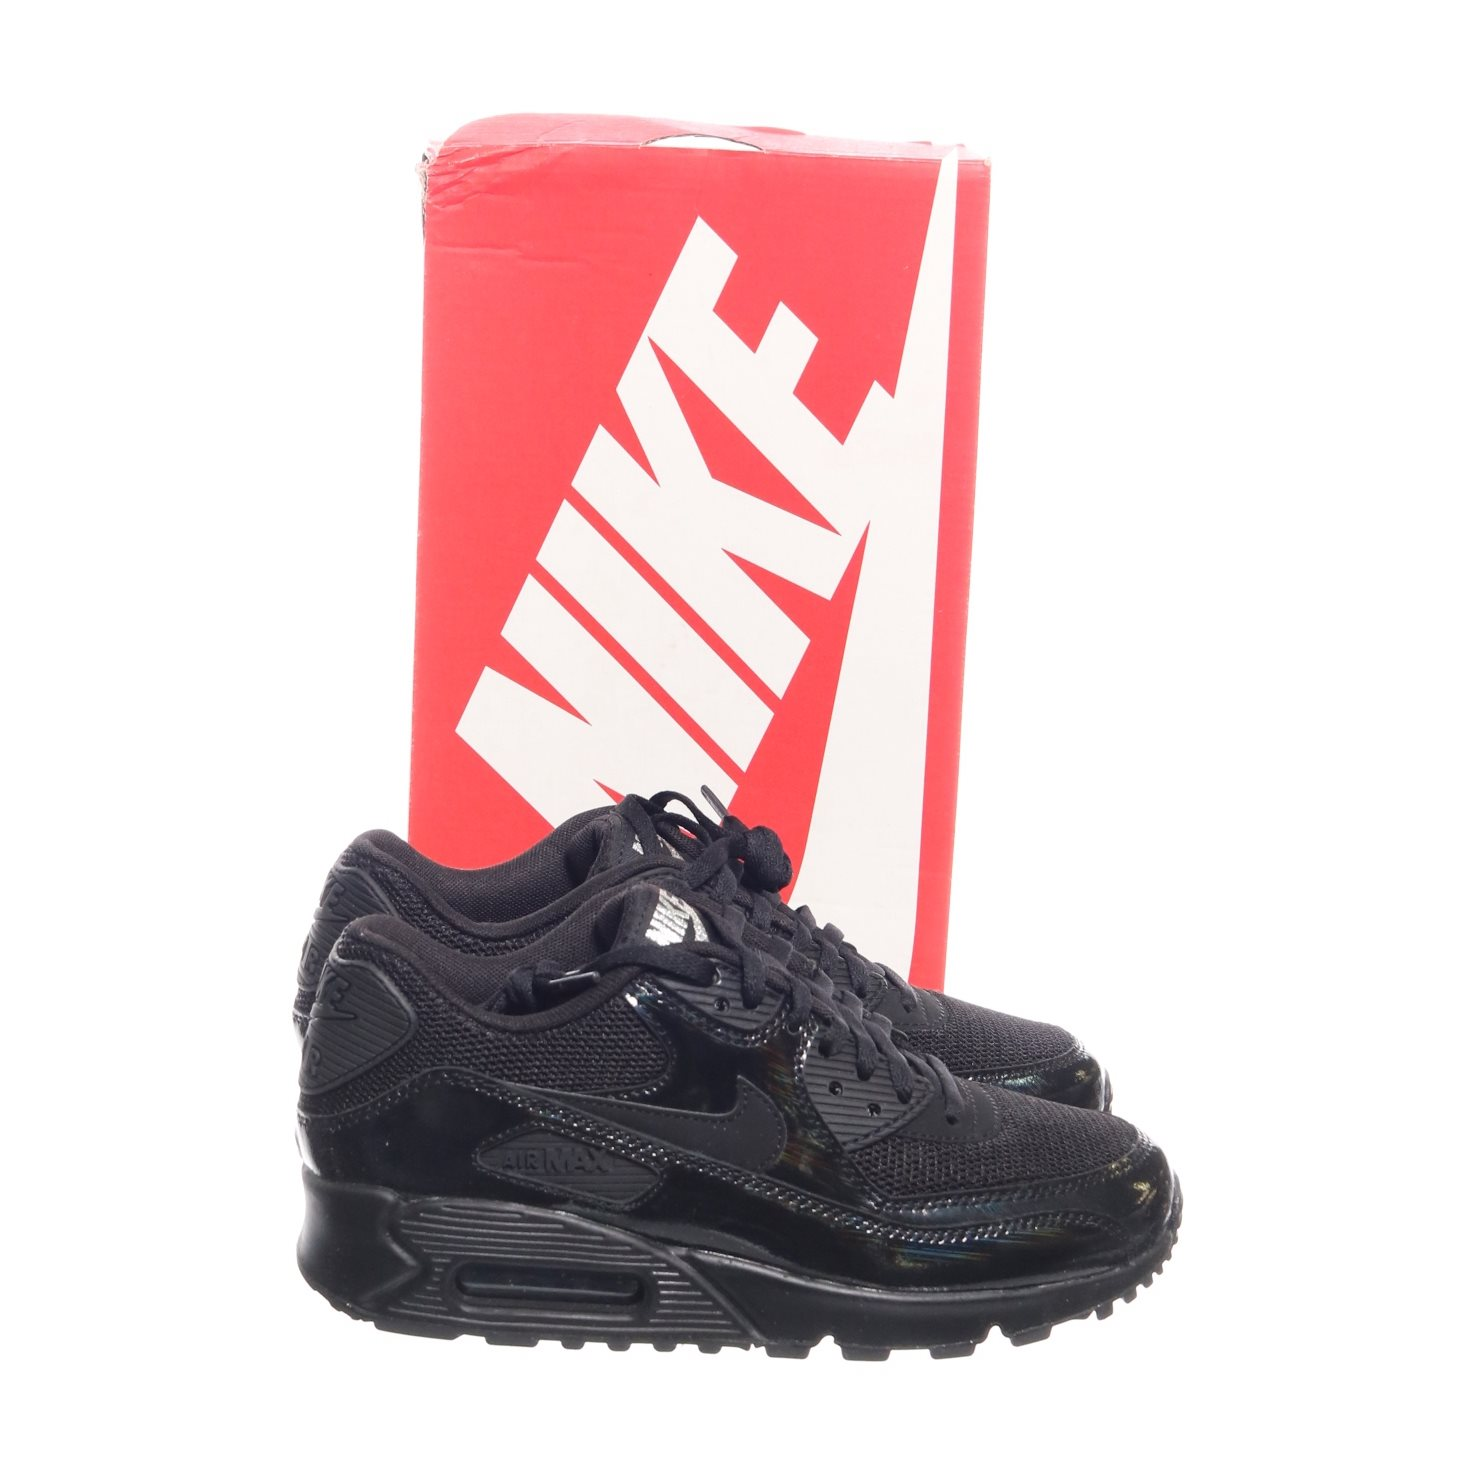 new style 1a460 39edd Nike, Sneakers, Strl  36.5, Wmns Air Max 90 Prem, Svart